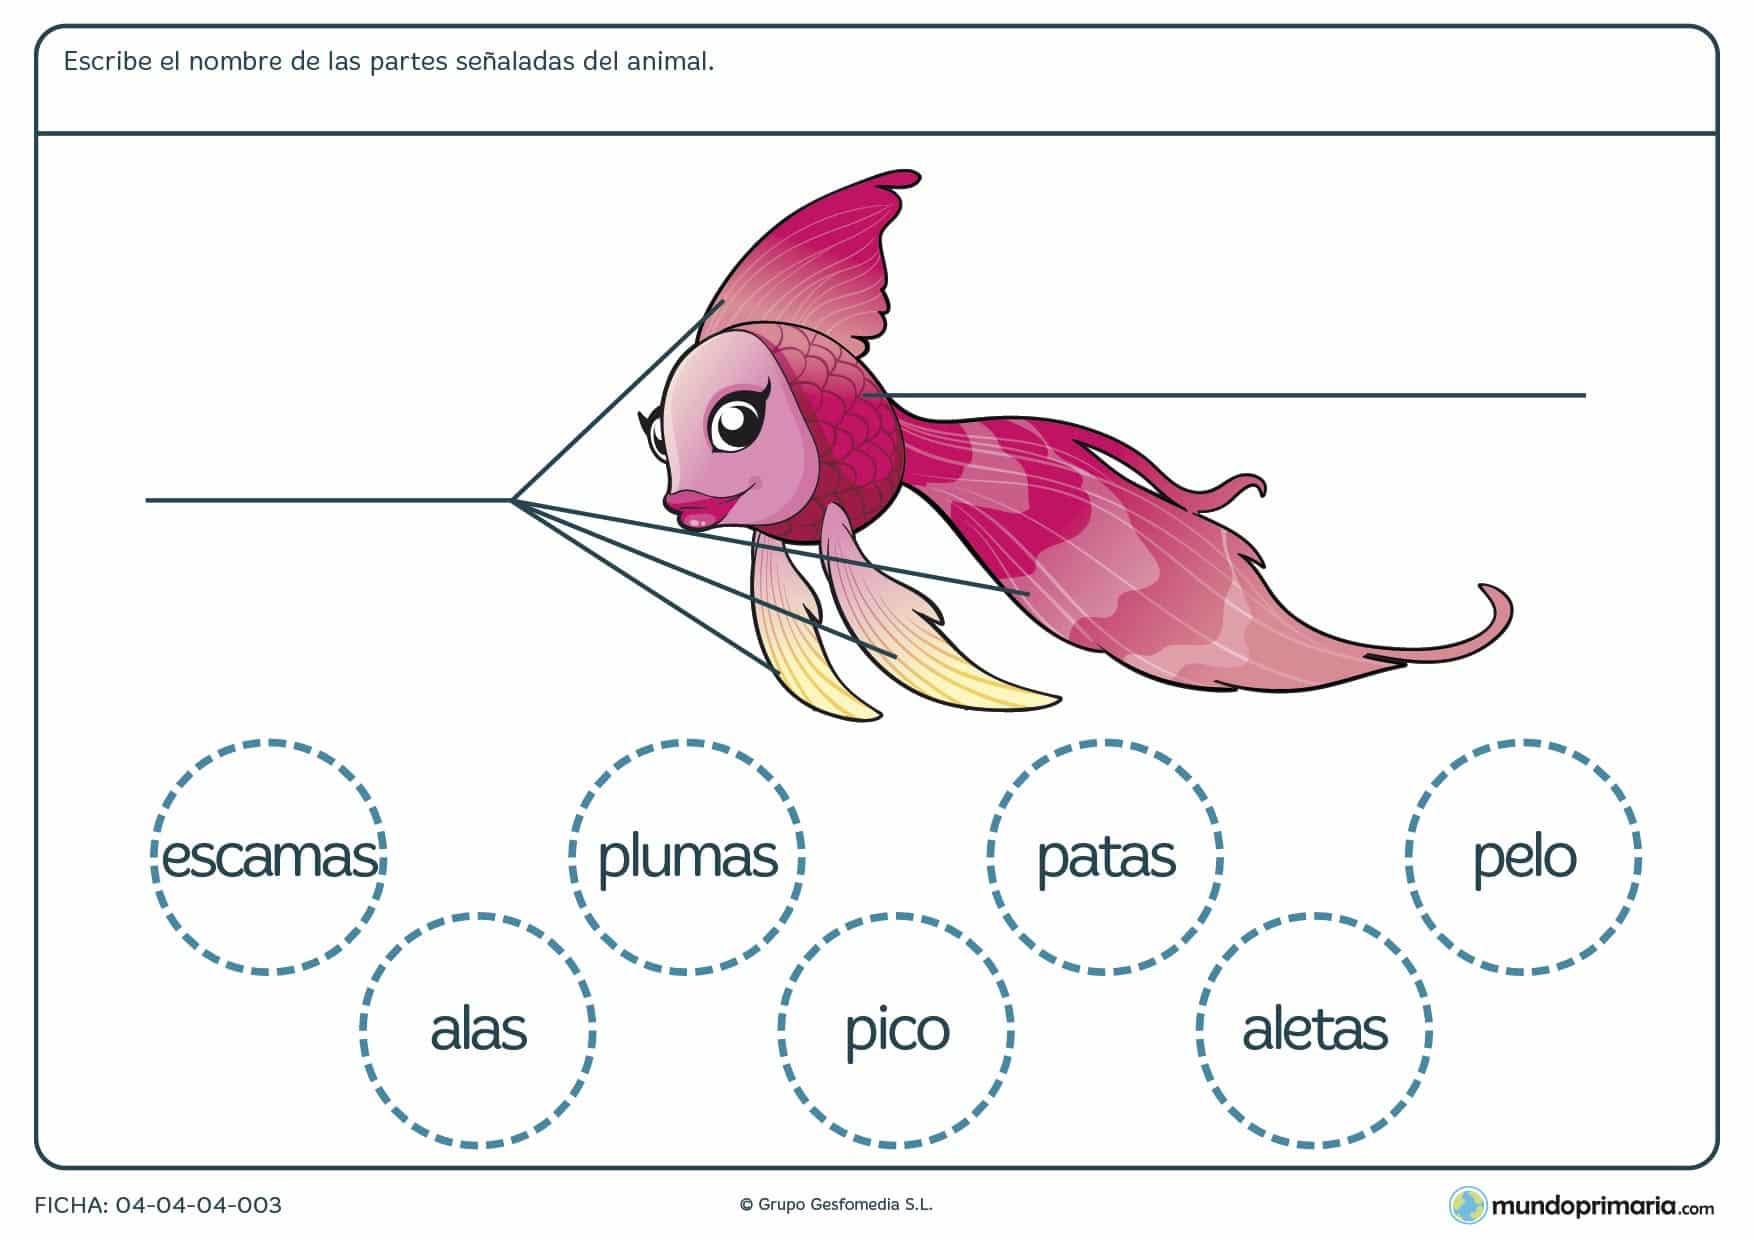 Ficha de las partes del pez en el que hay que escribir las partes del animal según corresponda y eligiendo entre las opciones proporcionadas en el ejercicio.